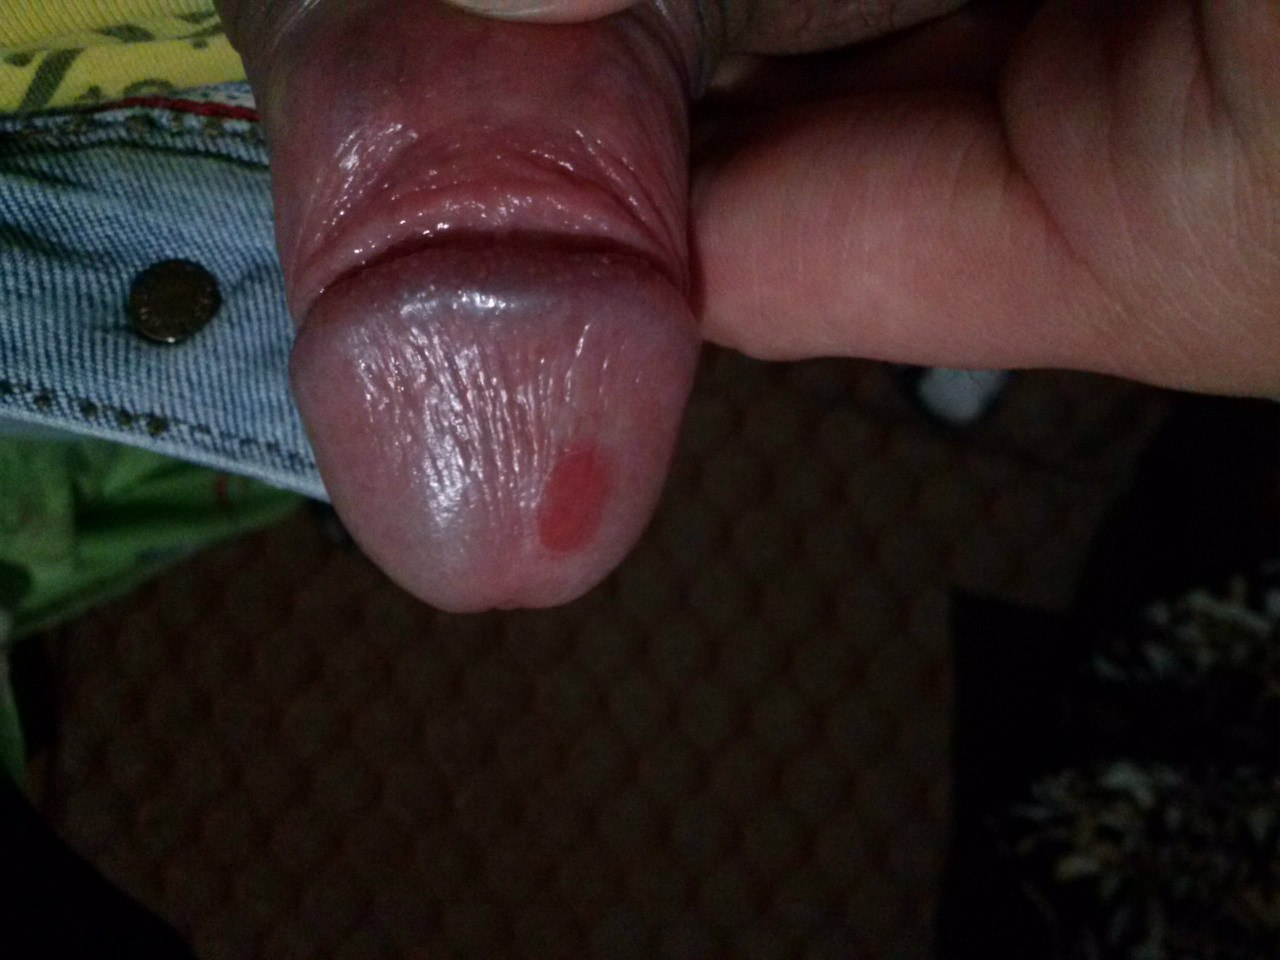 sifilis-foto-polovogo-chlena